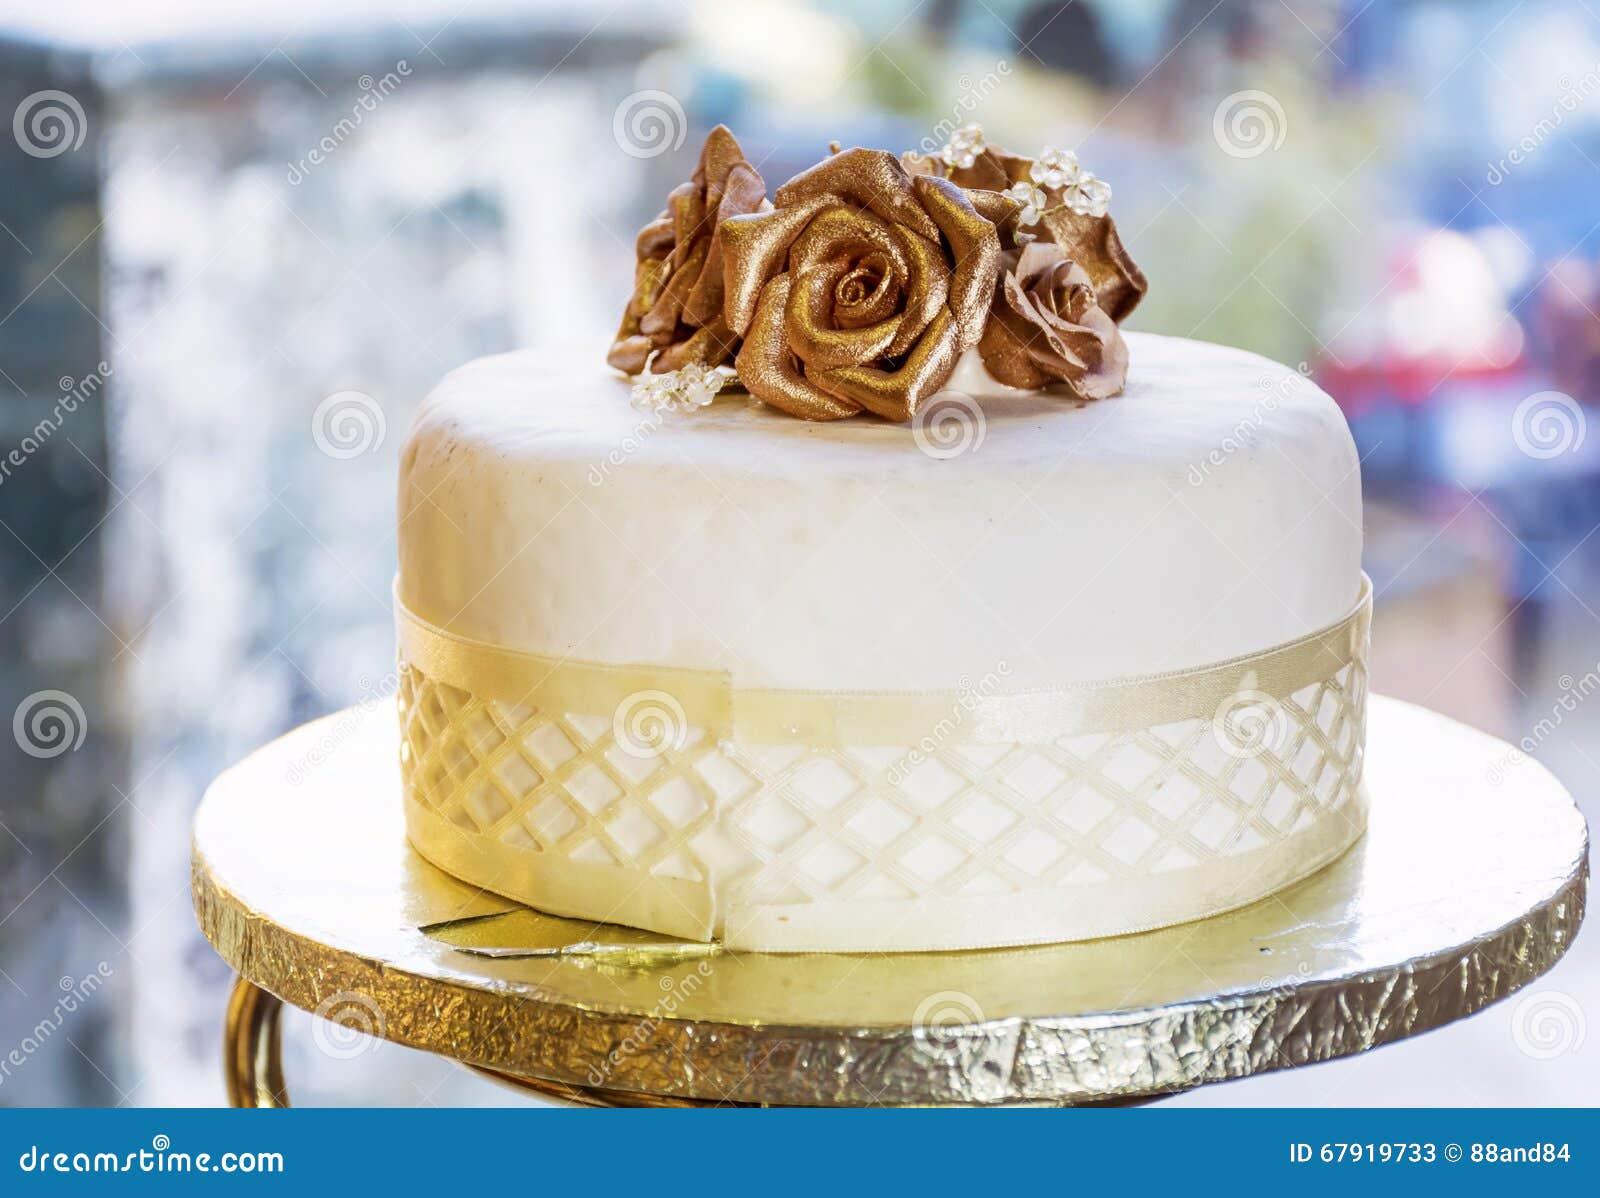 Hochzeitstorte Mit Goldenen Rosen Stockbild Bild Von Dekorativ